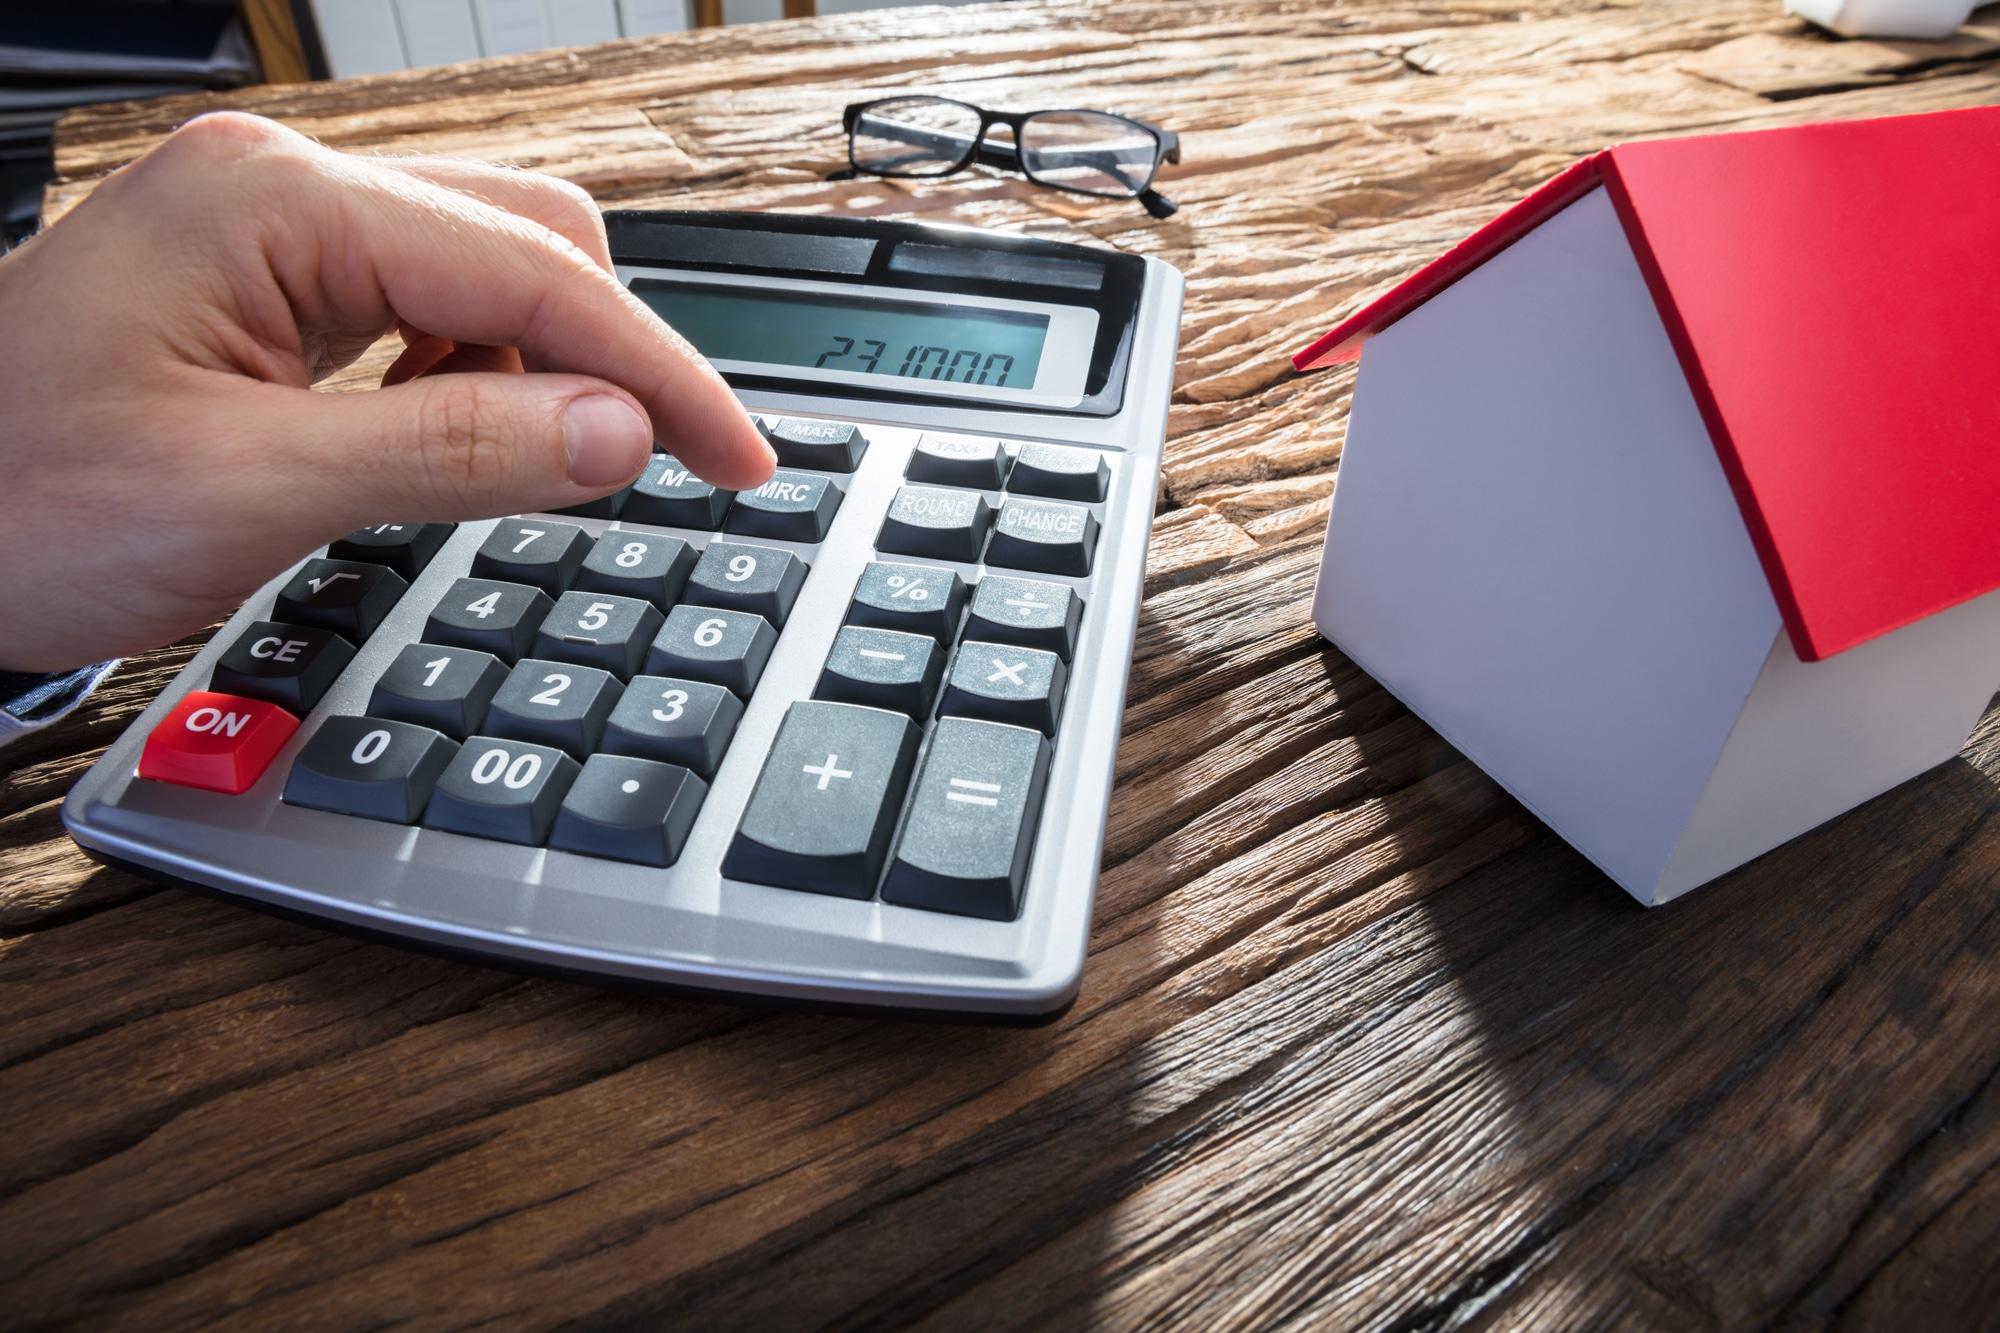 Продать жилье раньше, чем через 5 лет владения и не заплатить НДФЛ: такое возможно?